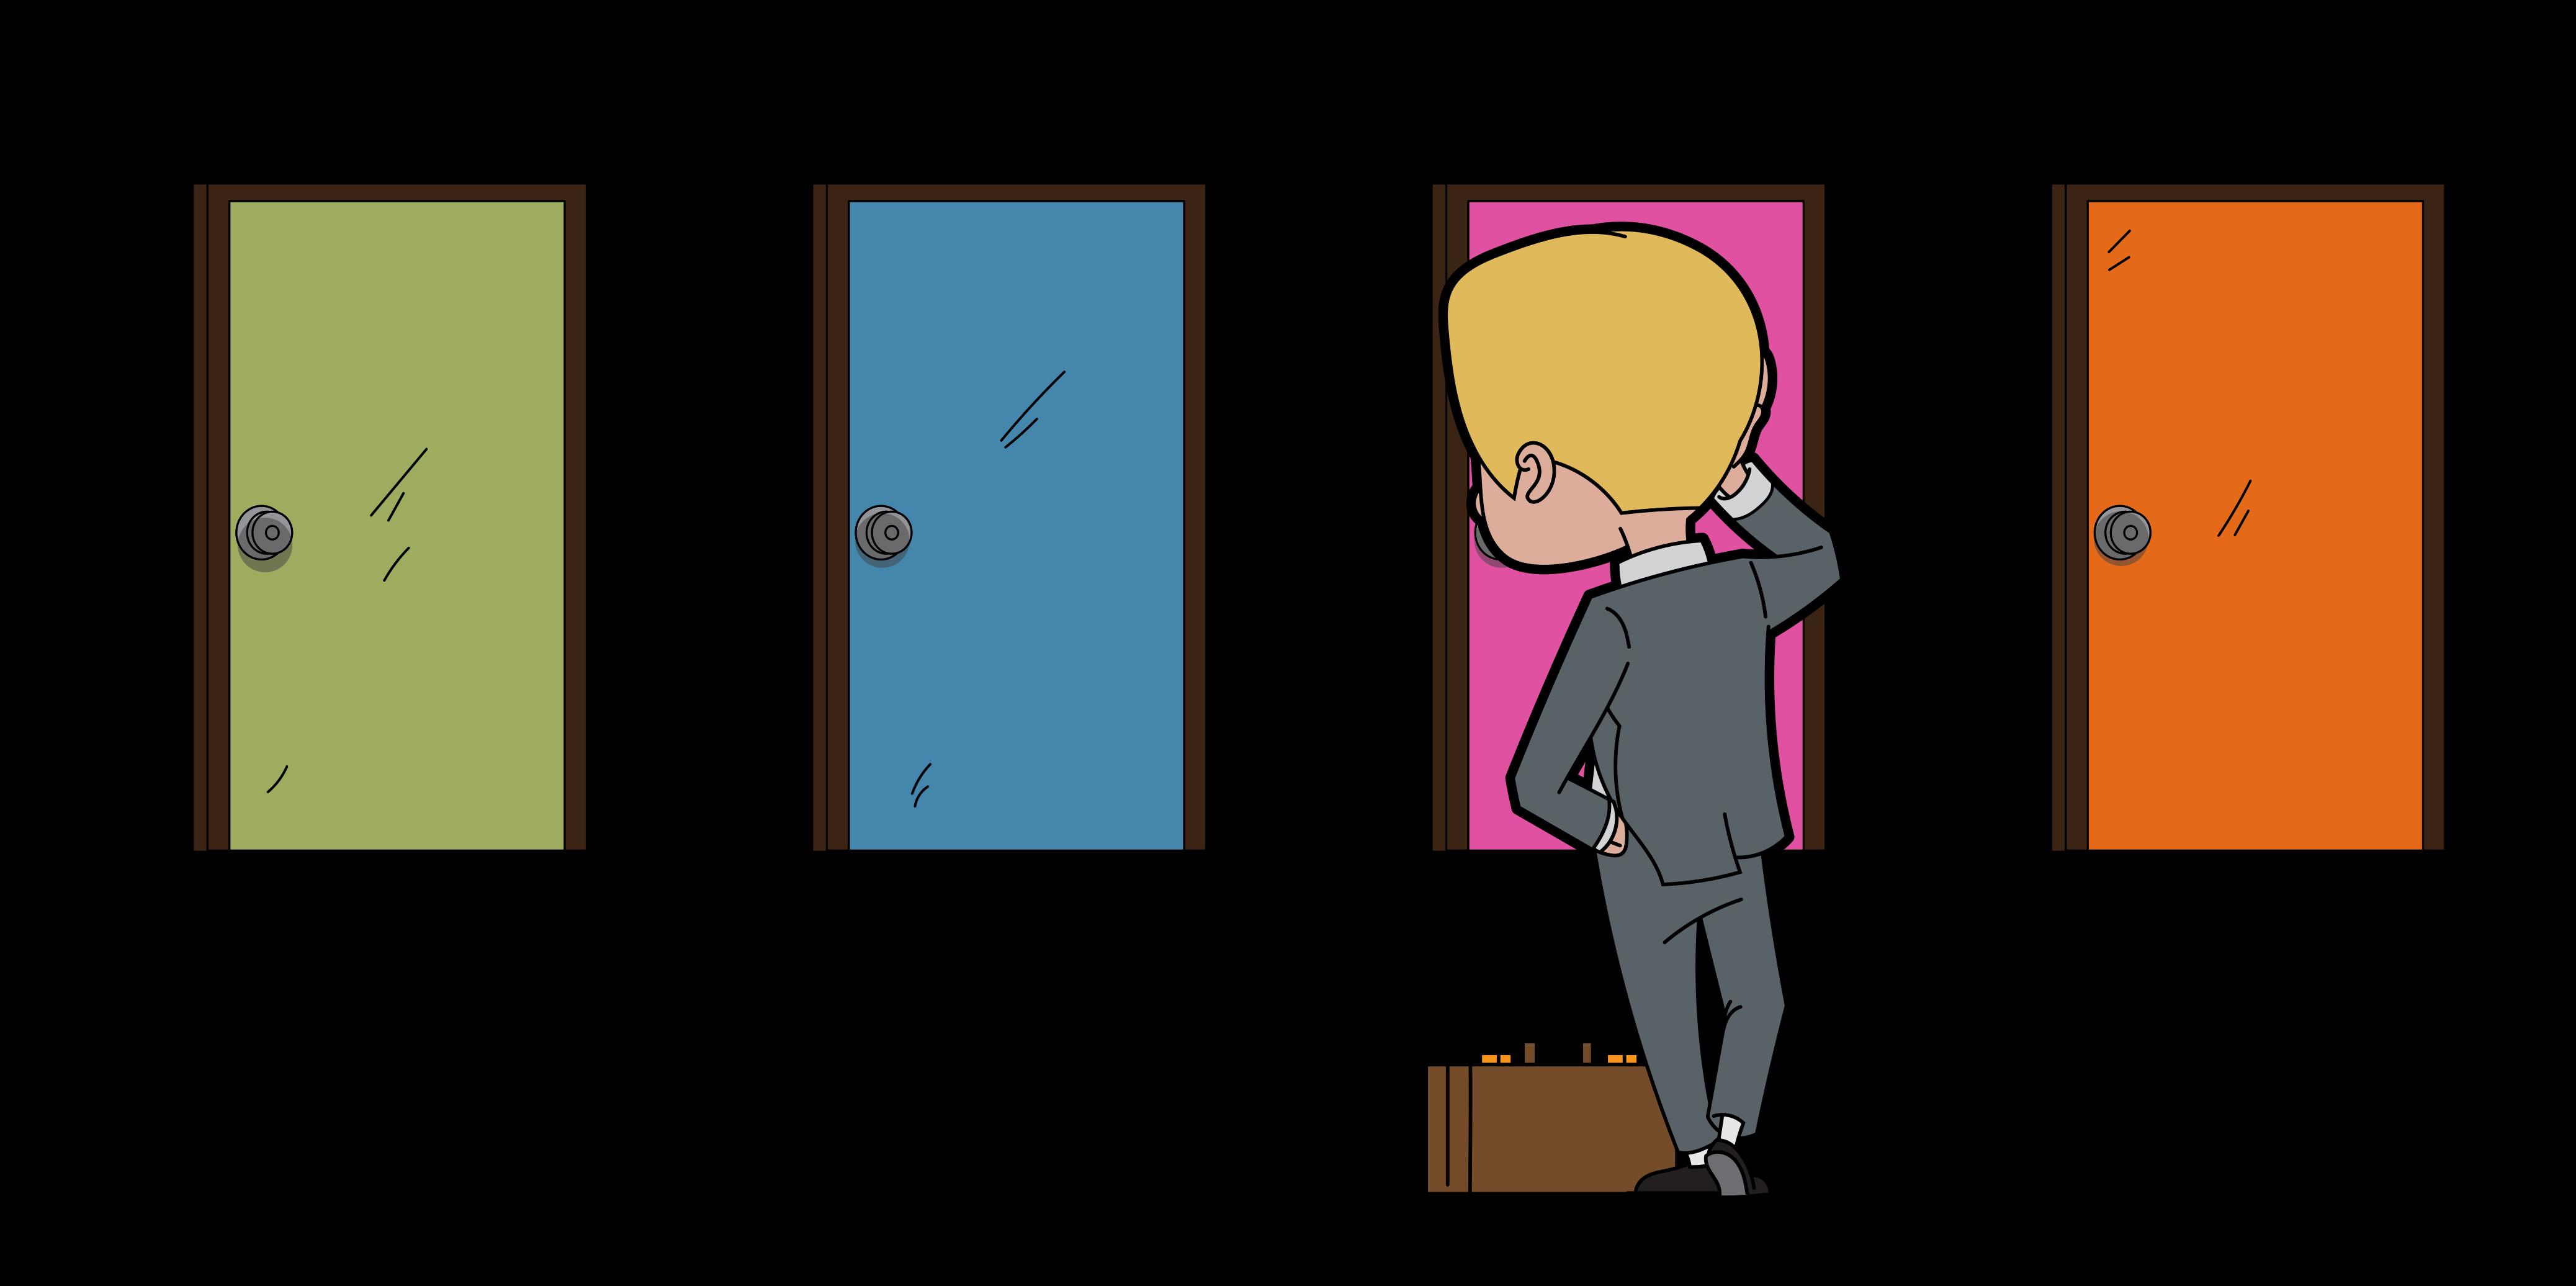 File career change cartoon. Clipart door colorful door